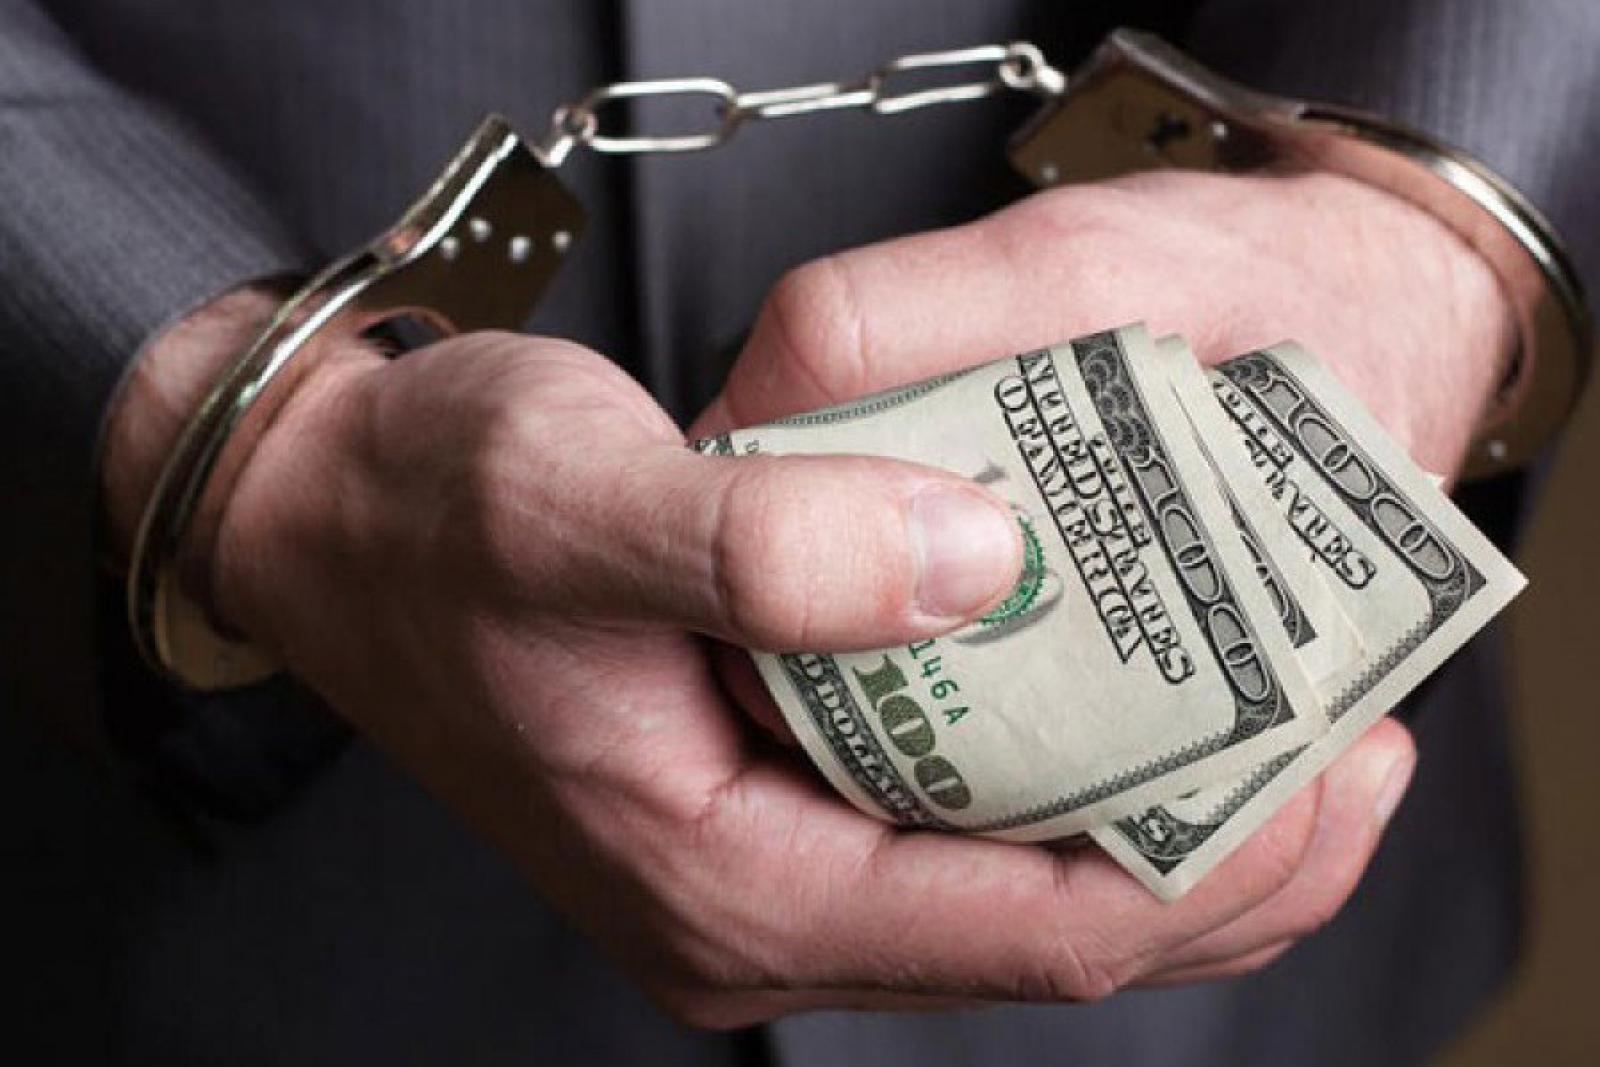 """Двое руководителей НААН задержаны за злоупотребление на госзакупках, требовали более $50 тыс. """"отката"""", - СБУ - Цензор.НЕТ 3552"""